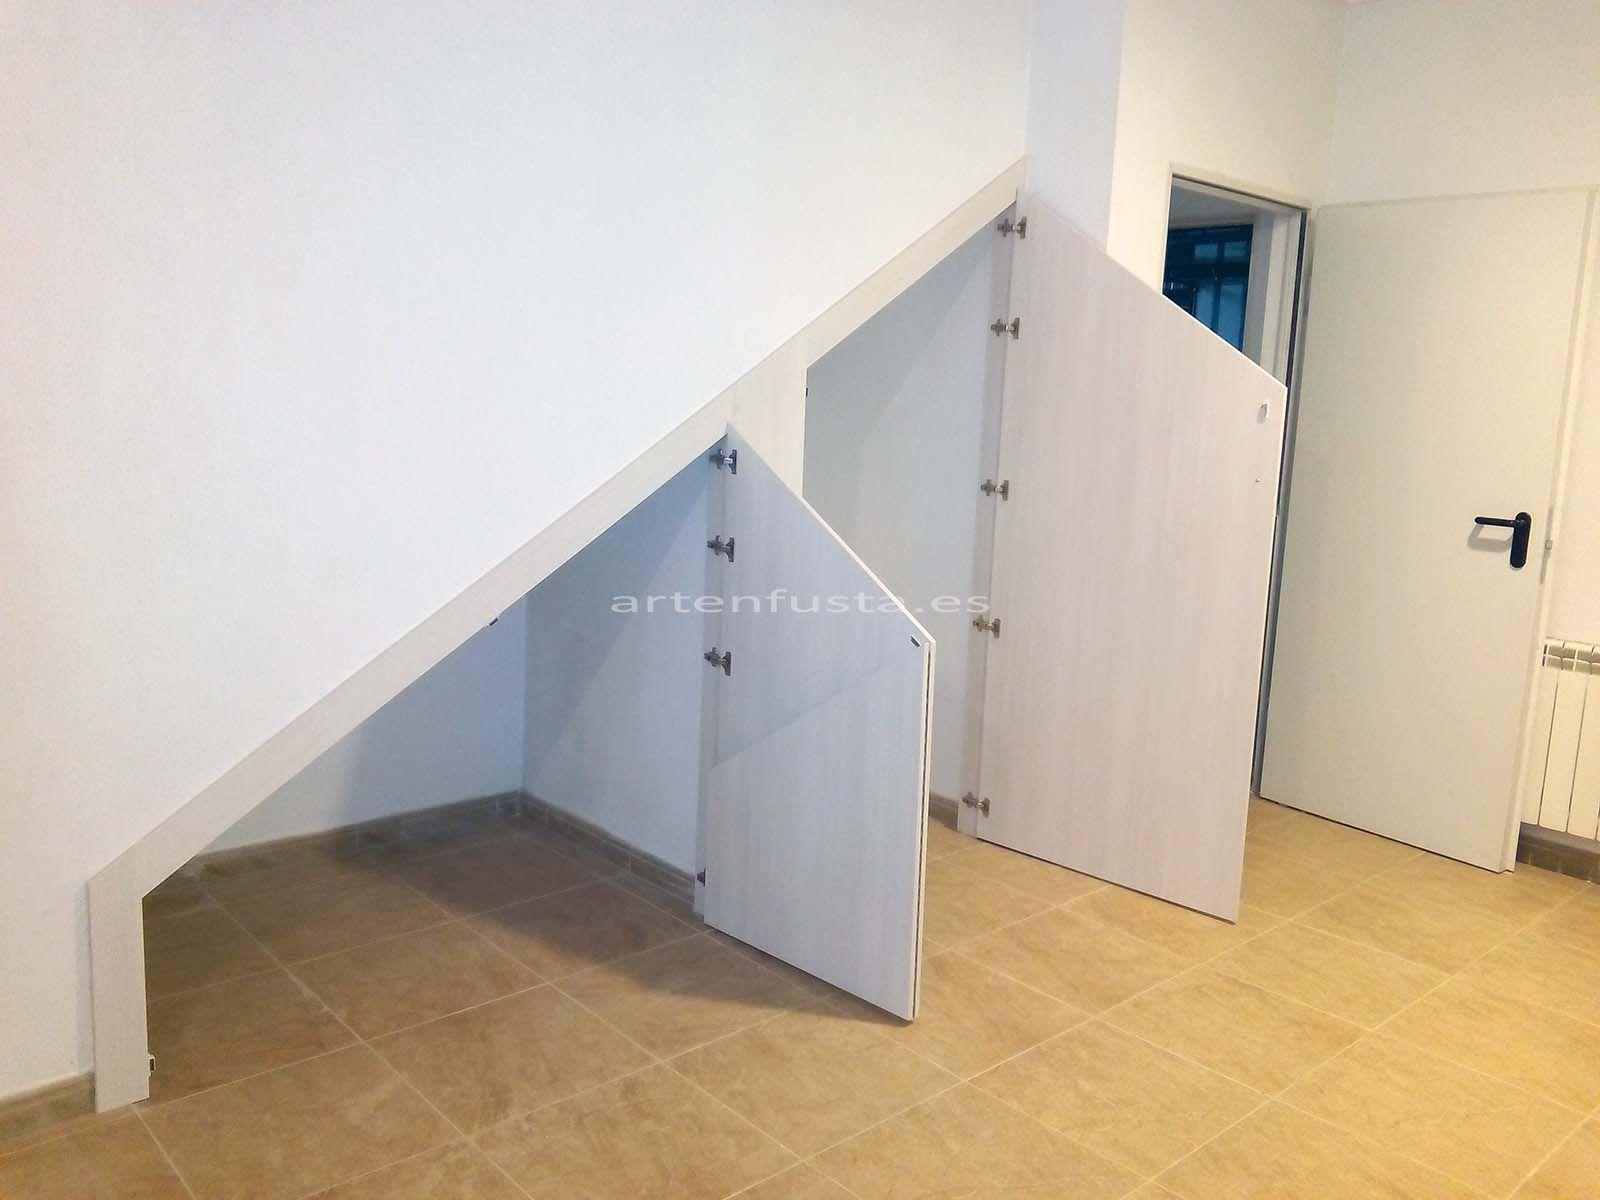 Puertas a medida de bajo de escalera elche alicante - Puertas para escaleras ...